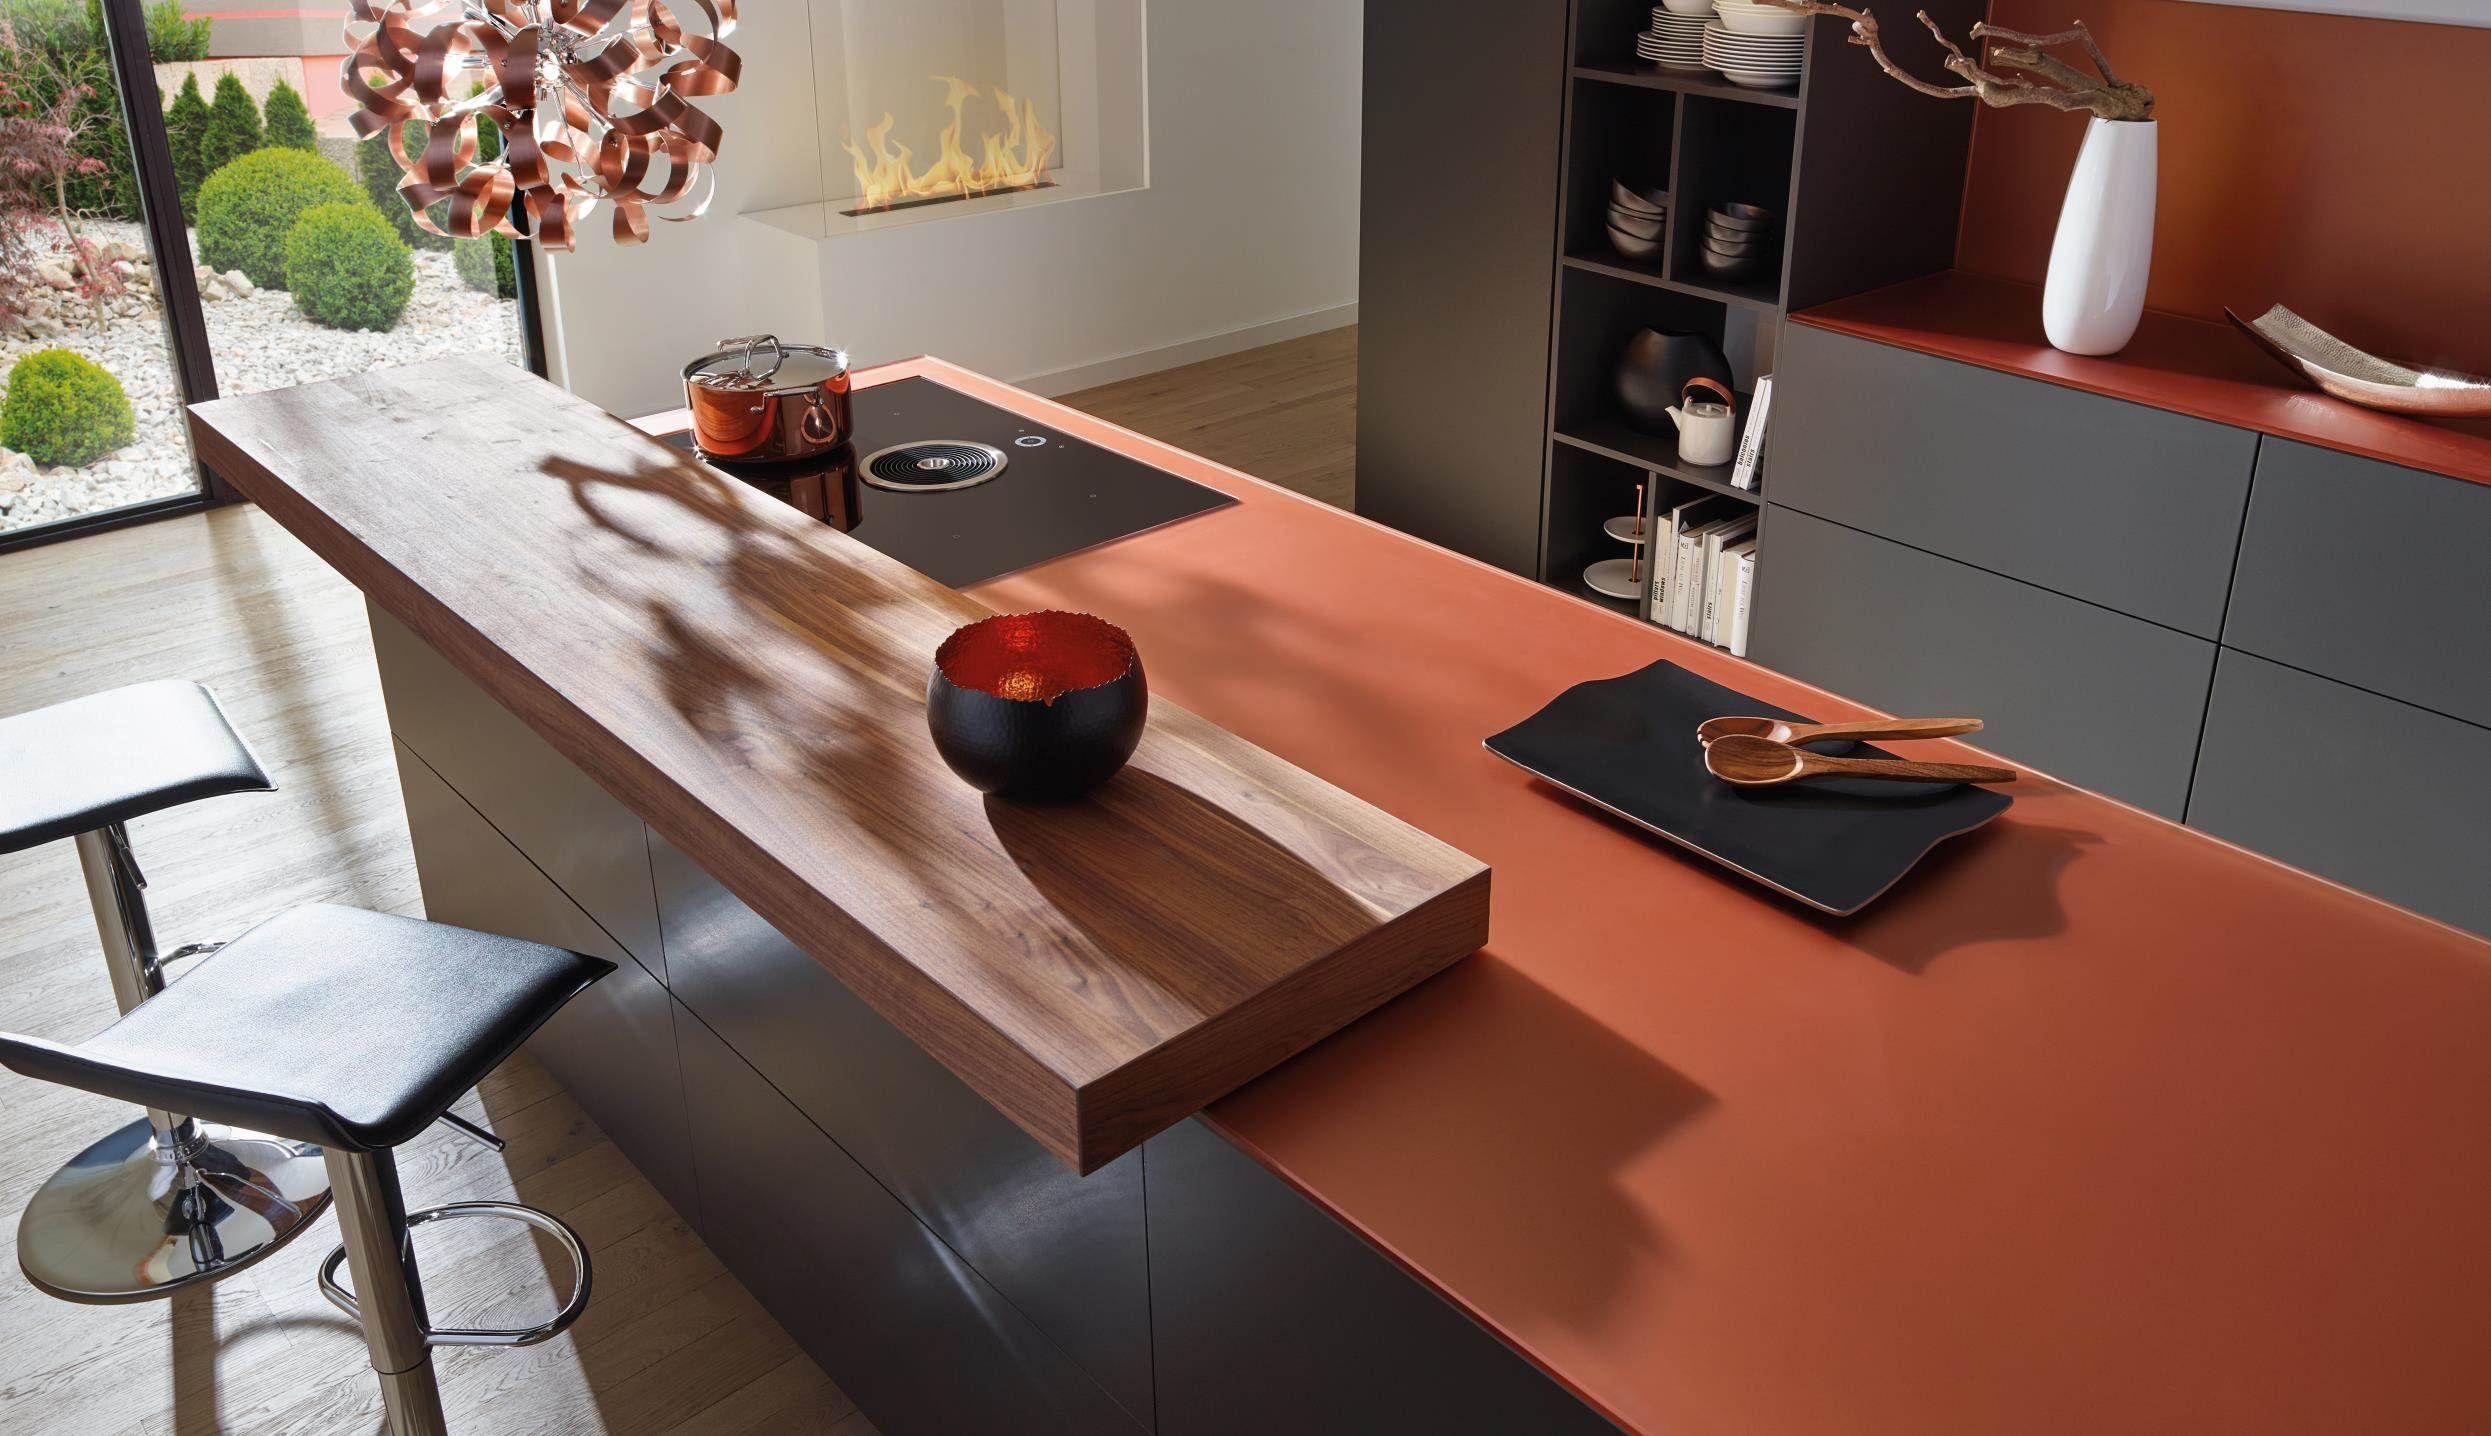 Küchenarbeitsplatte aus Glas, Design: Copper | Küchenarbeitsplatten ...